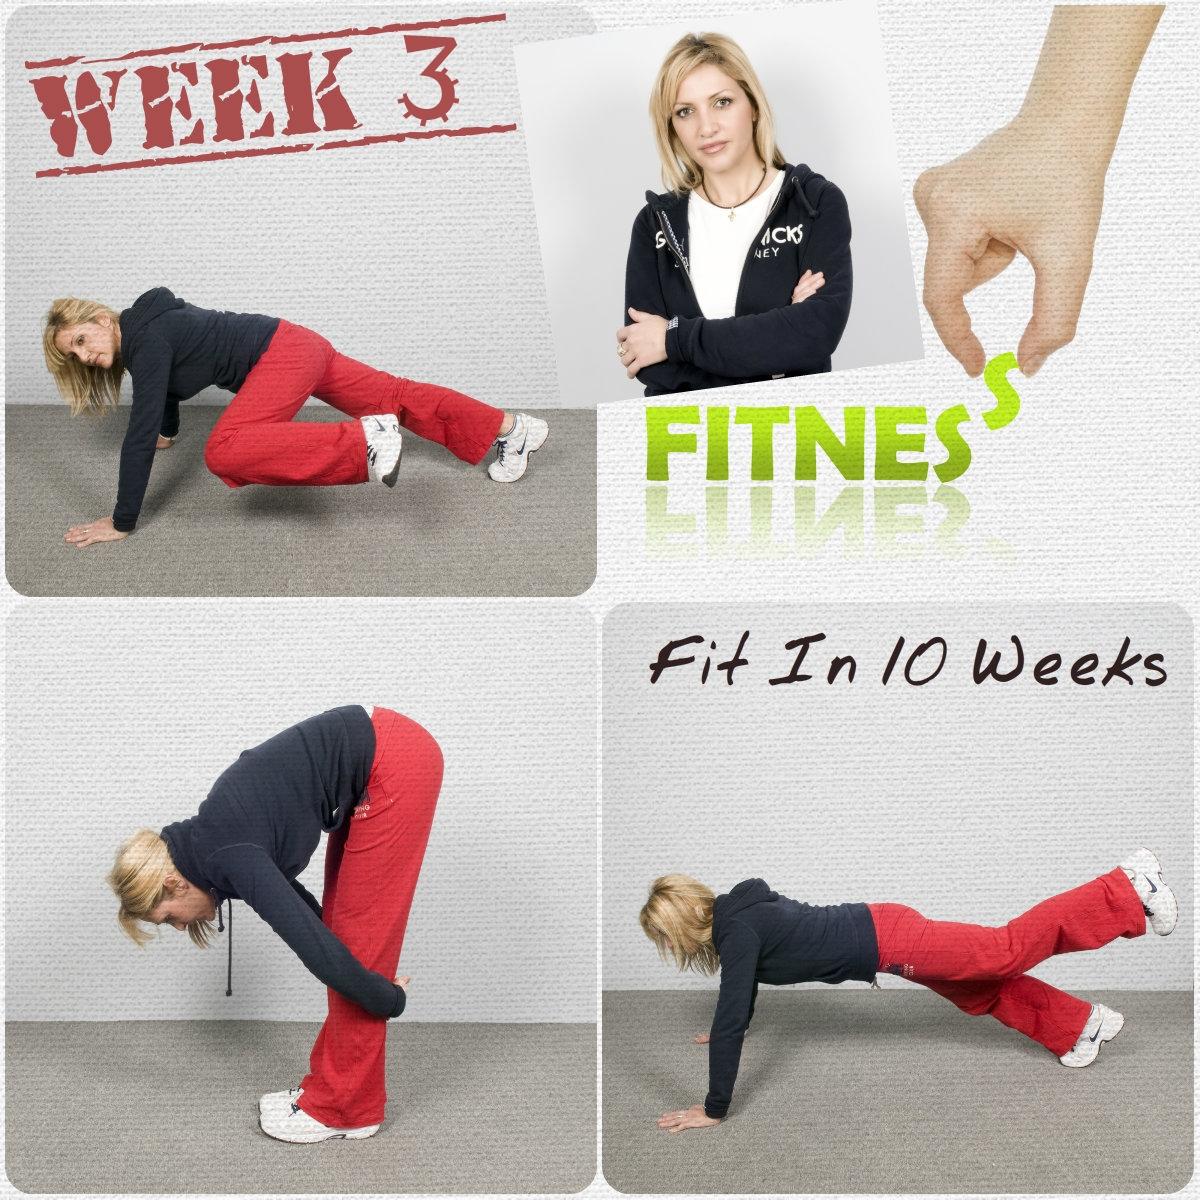 1 | ΠΙΟ FIT ΣΕ 10 ΕΒΔΟΜΑΔΕΣ! Ακολούθησε το δεύτερο σετ ασκήσεων!